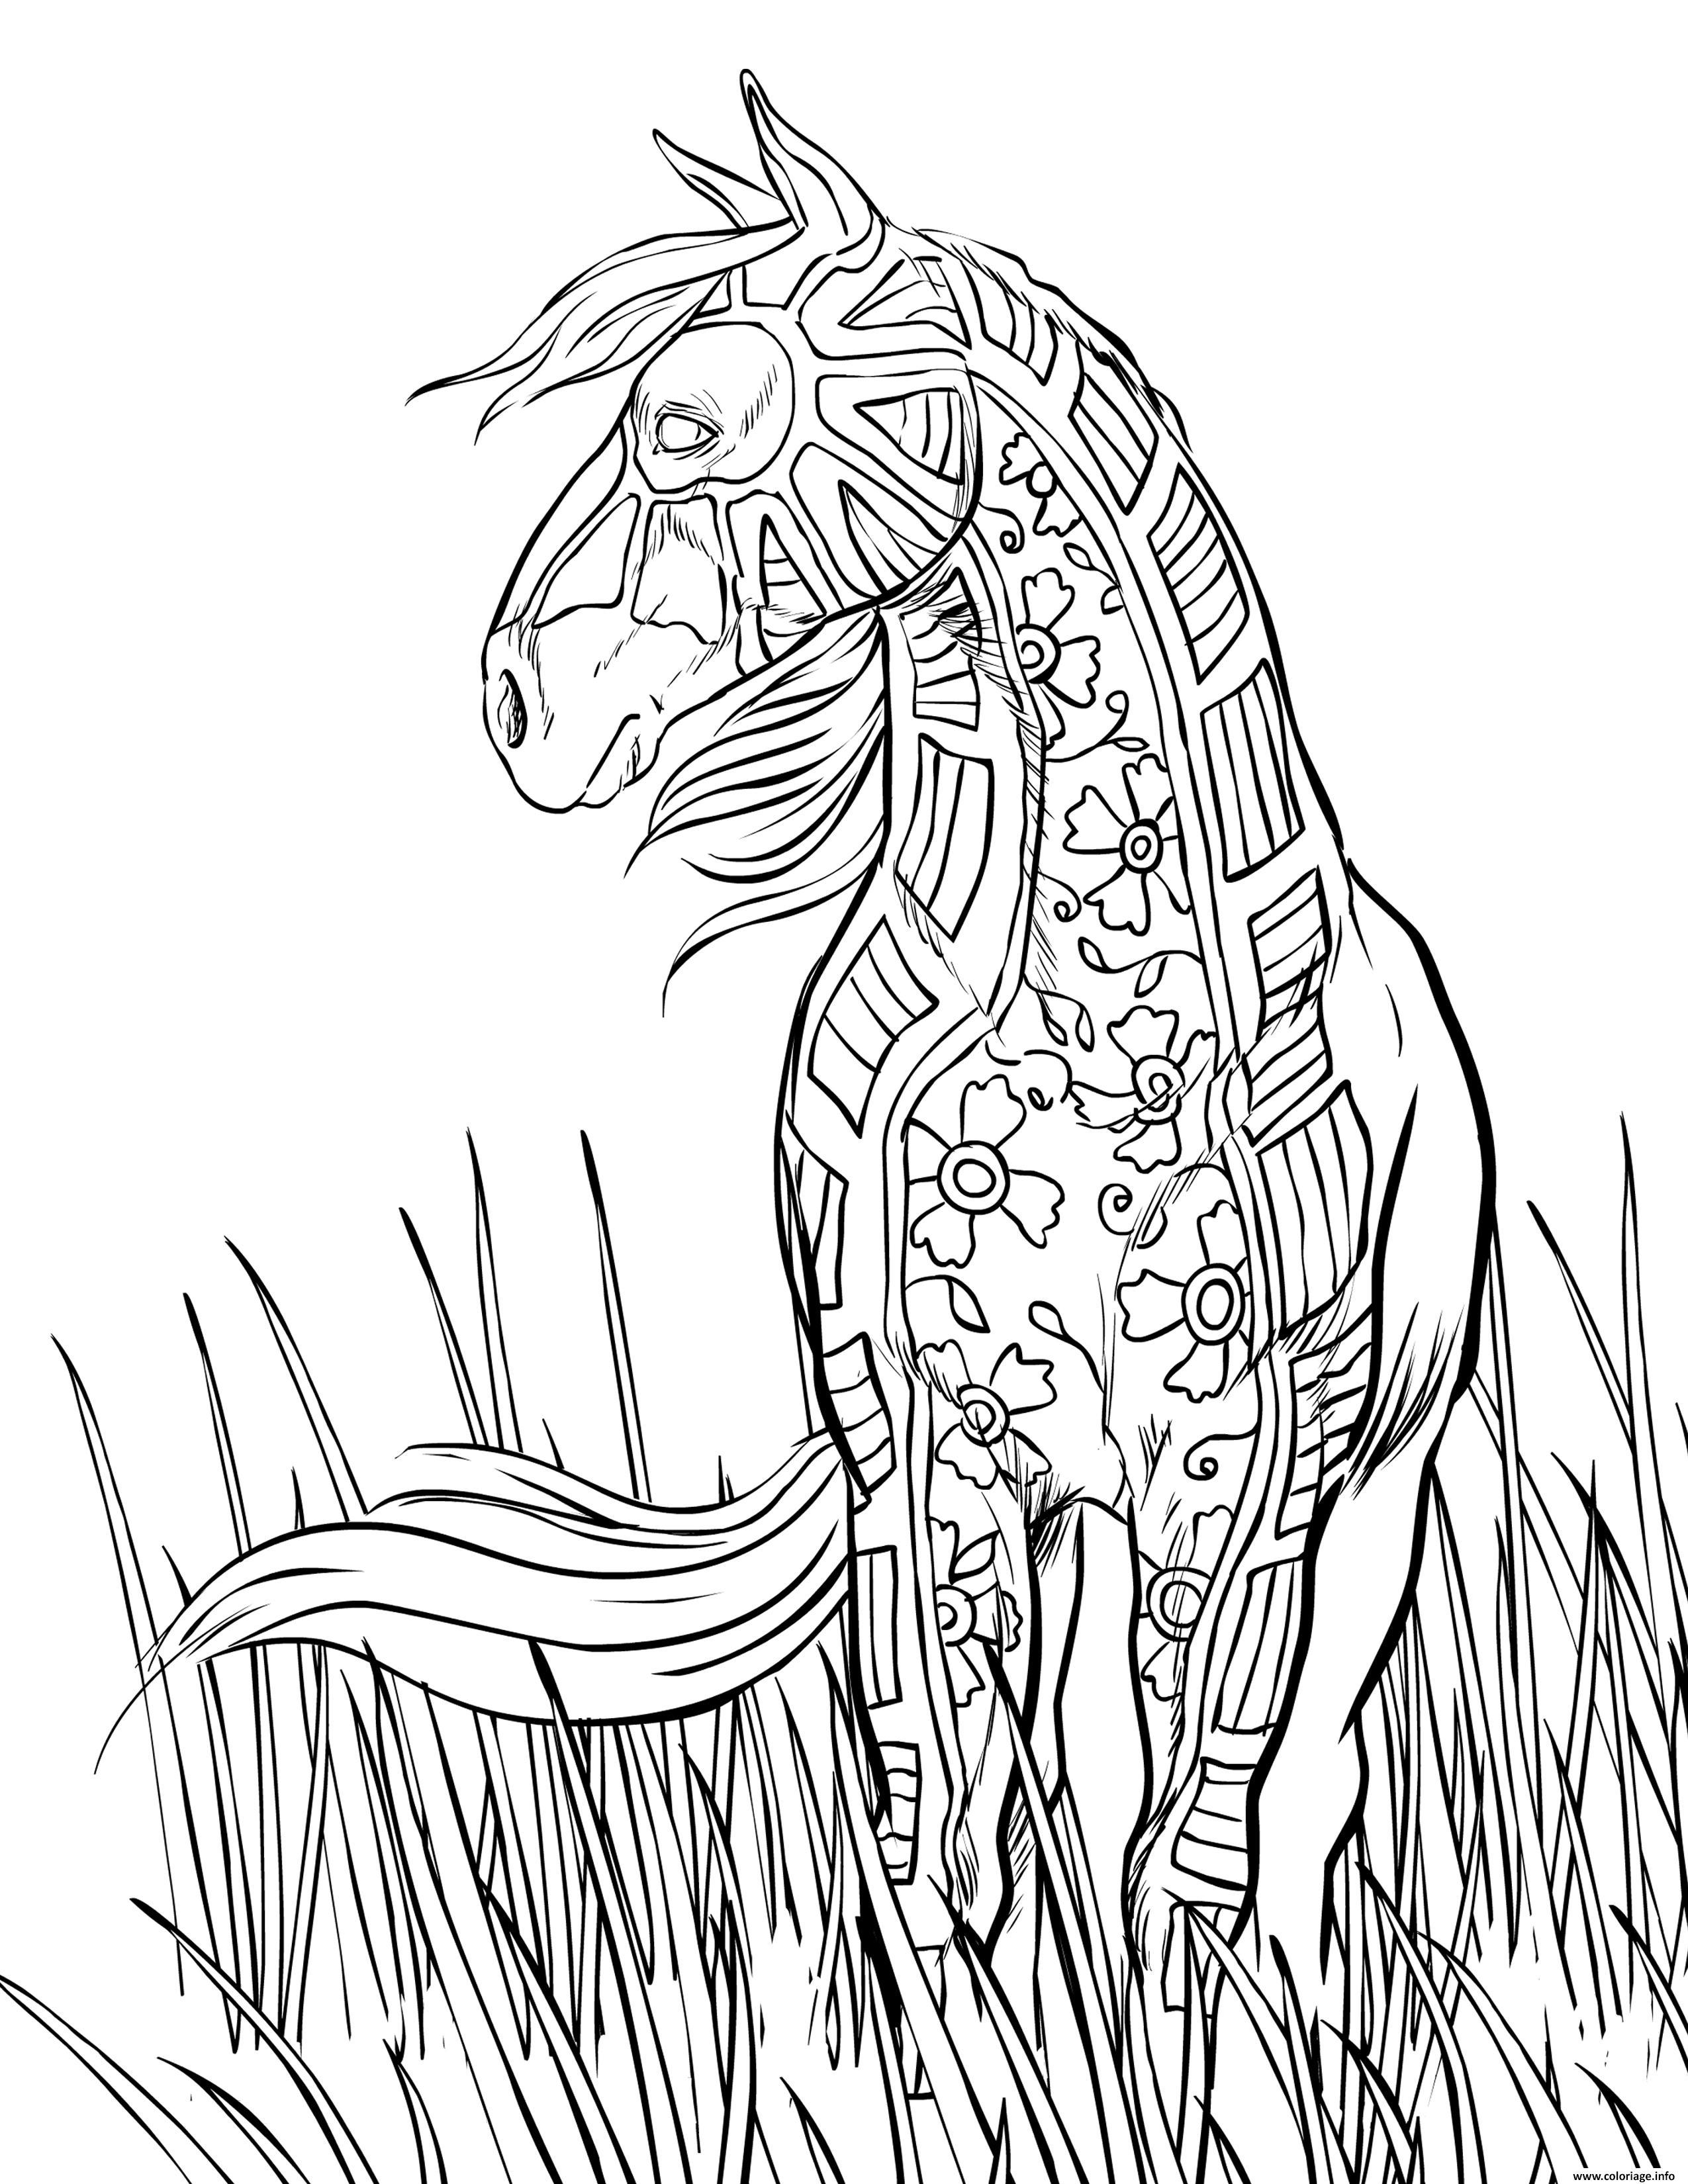 Dessin horse cheval dans la nature adulte Coloriage Gratuit à Imprimer